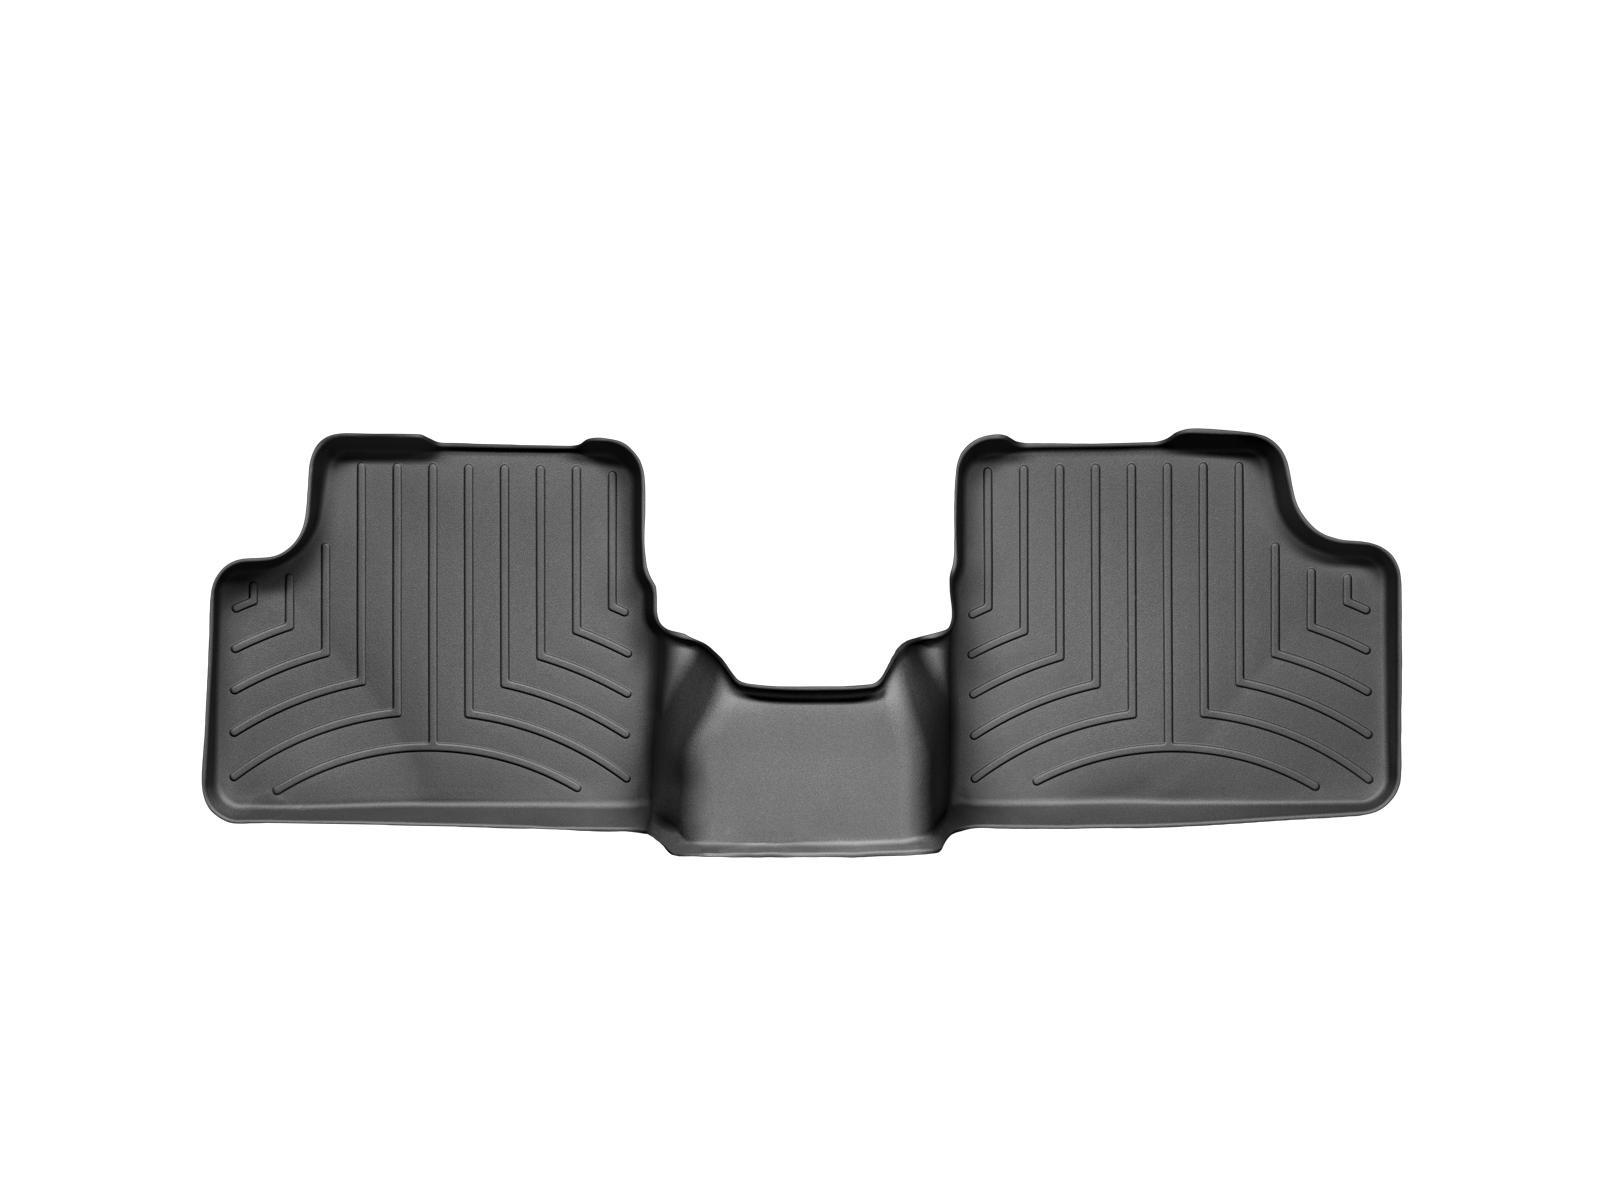 Tappeti gomma su misura bordo alto Opel Astra 04>08 Nero A2957